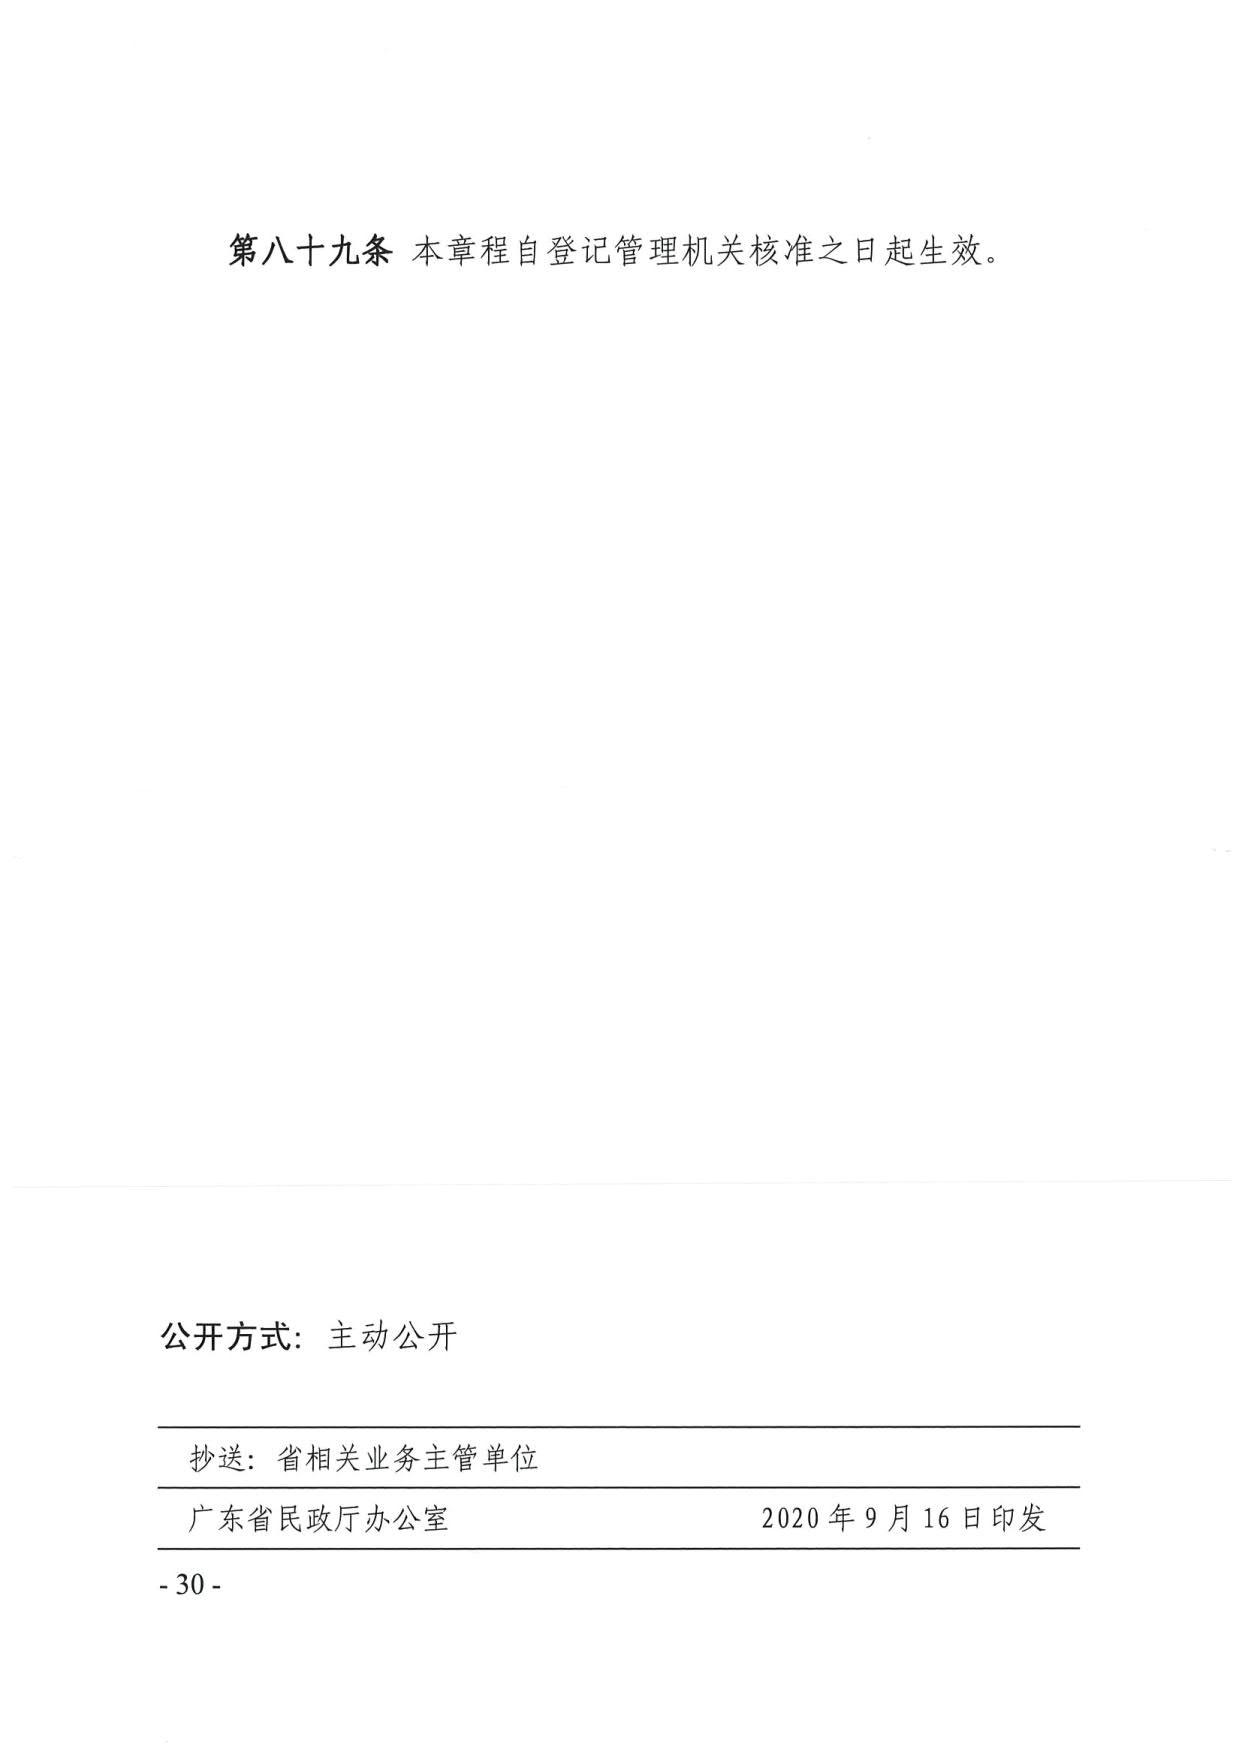 广东省民政厅关于印发《广东省基金会章程示范文本》的通知(4)_30.jpg